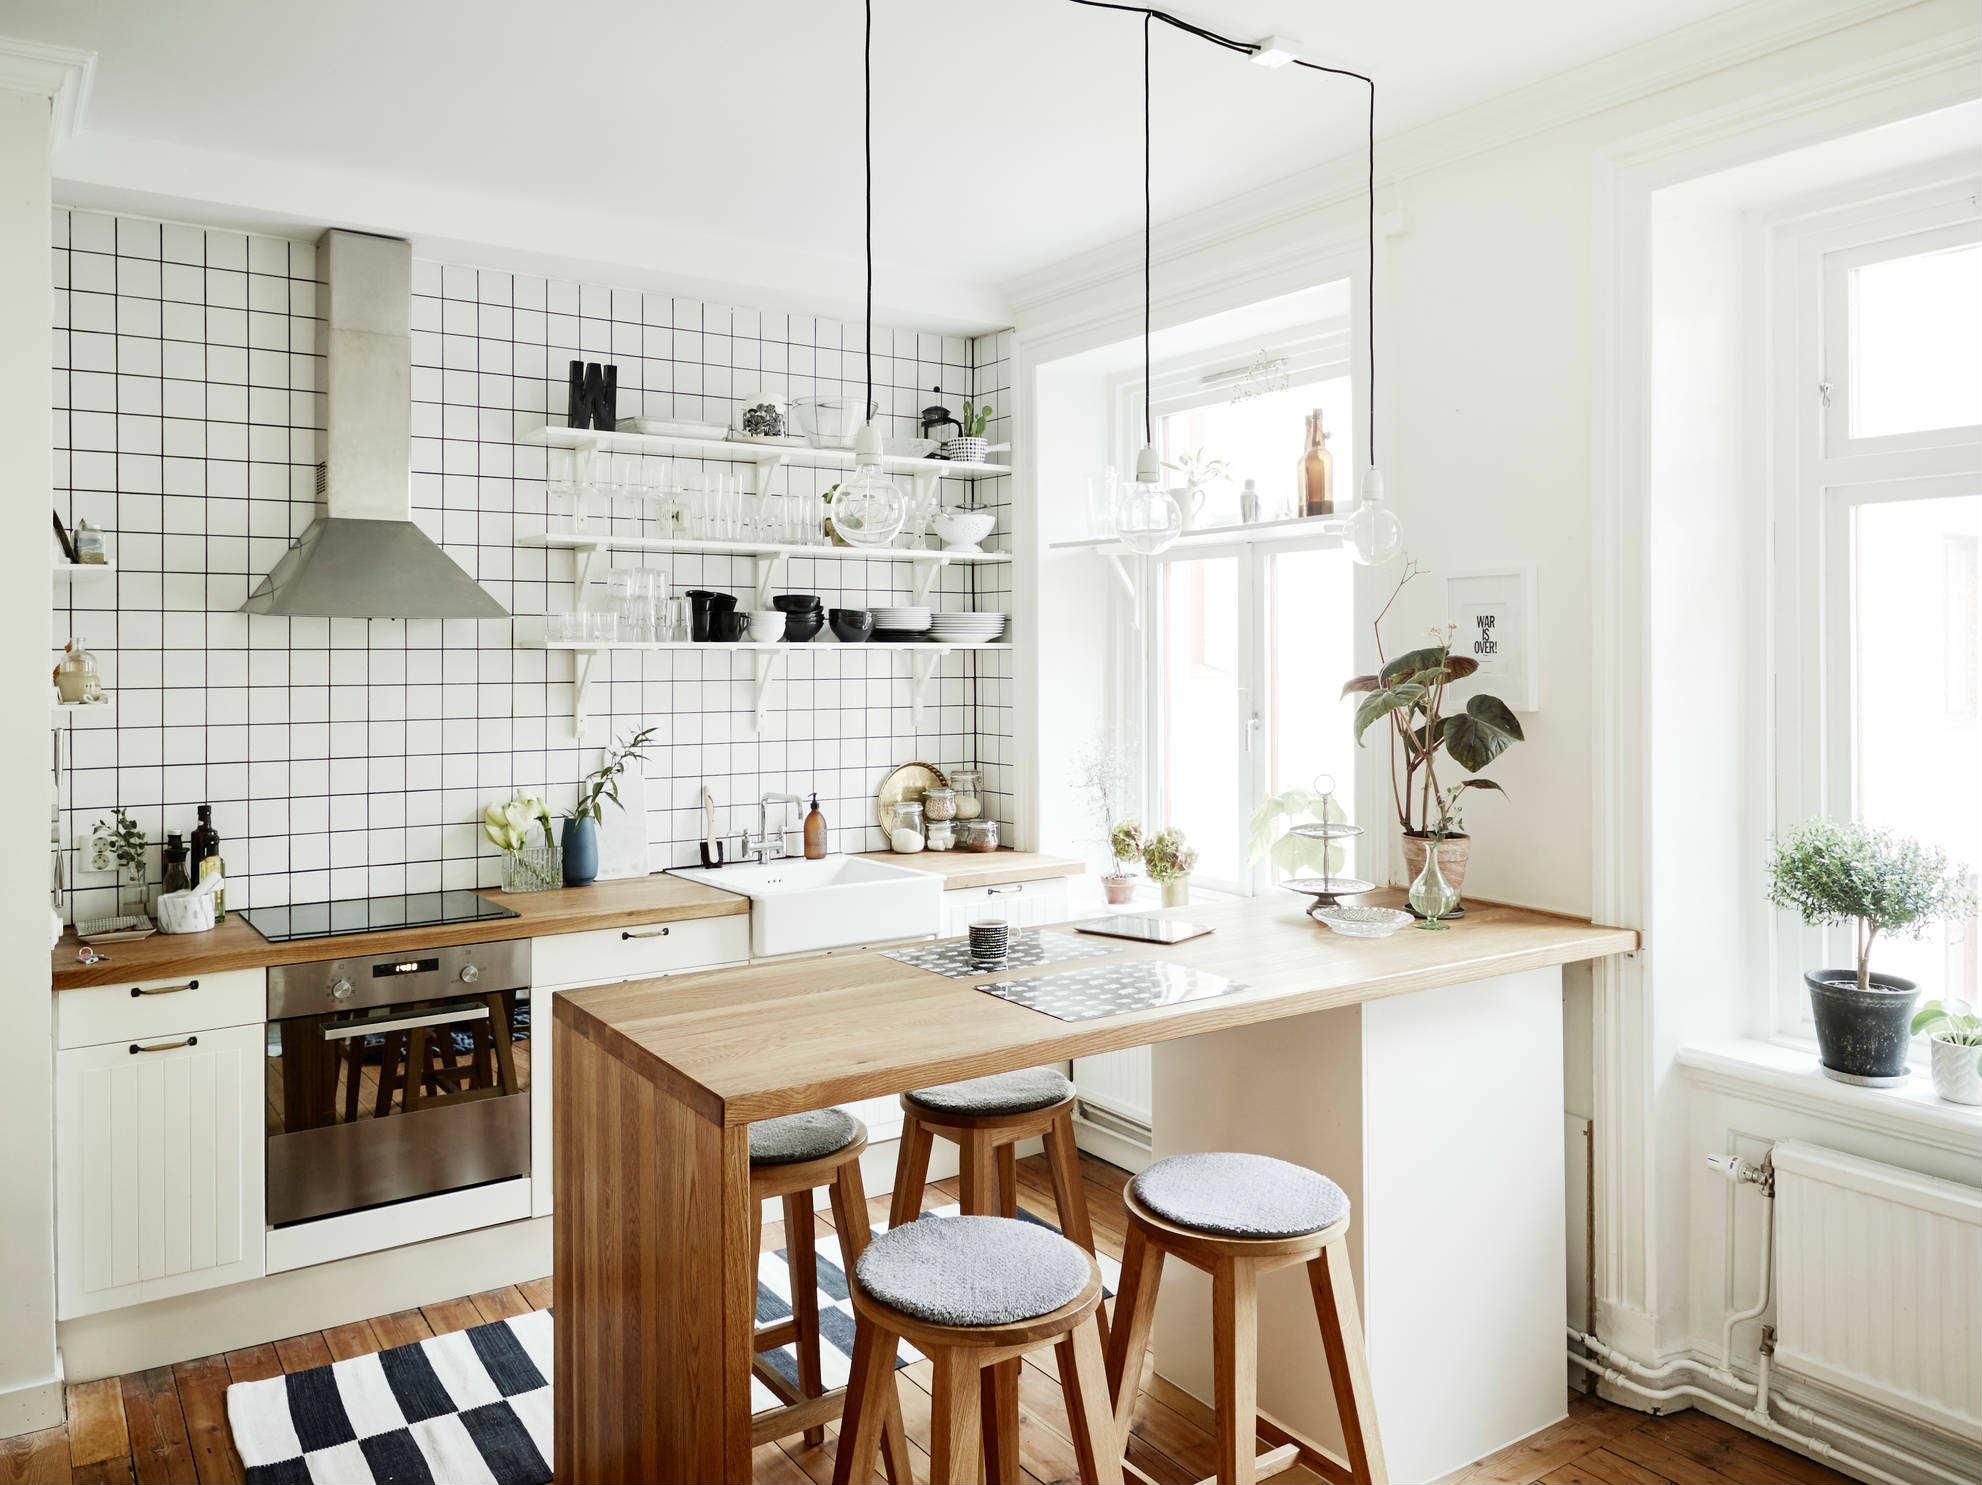 Hasil gambar untuk Kombinasi Dapur Minimalis dan Skandinavia